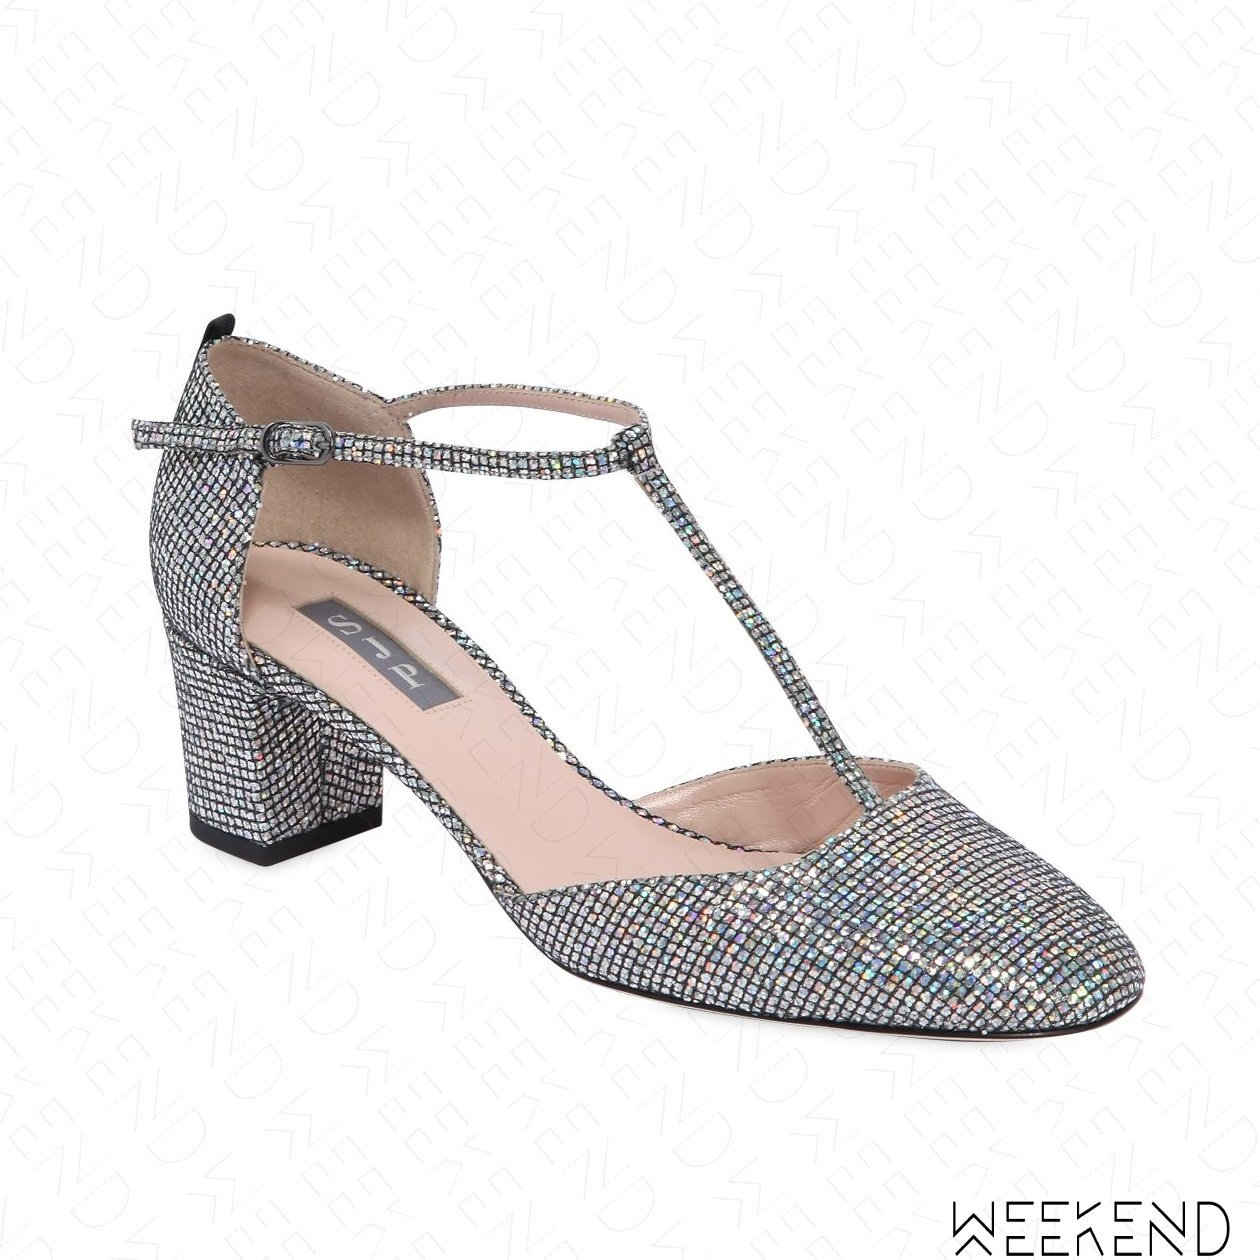 【WEEKEND】 Sarah Jessica Parker SJP Pet 亮面 高跟鞋 銀色